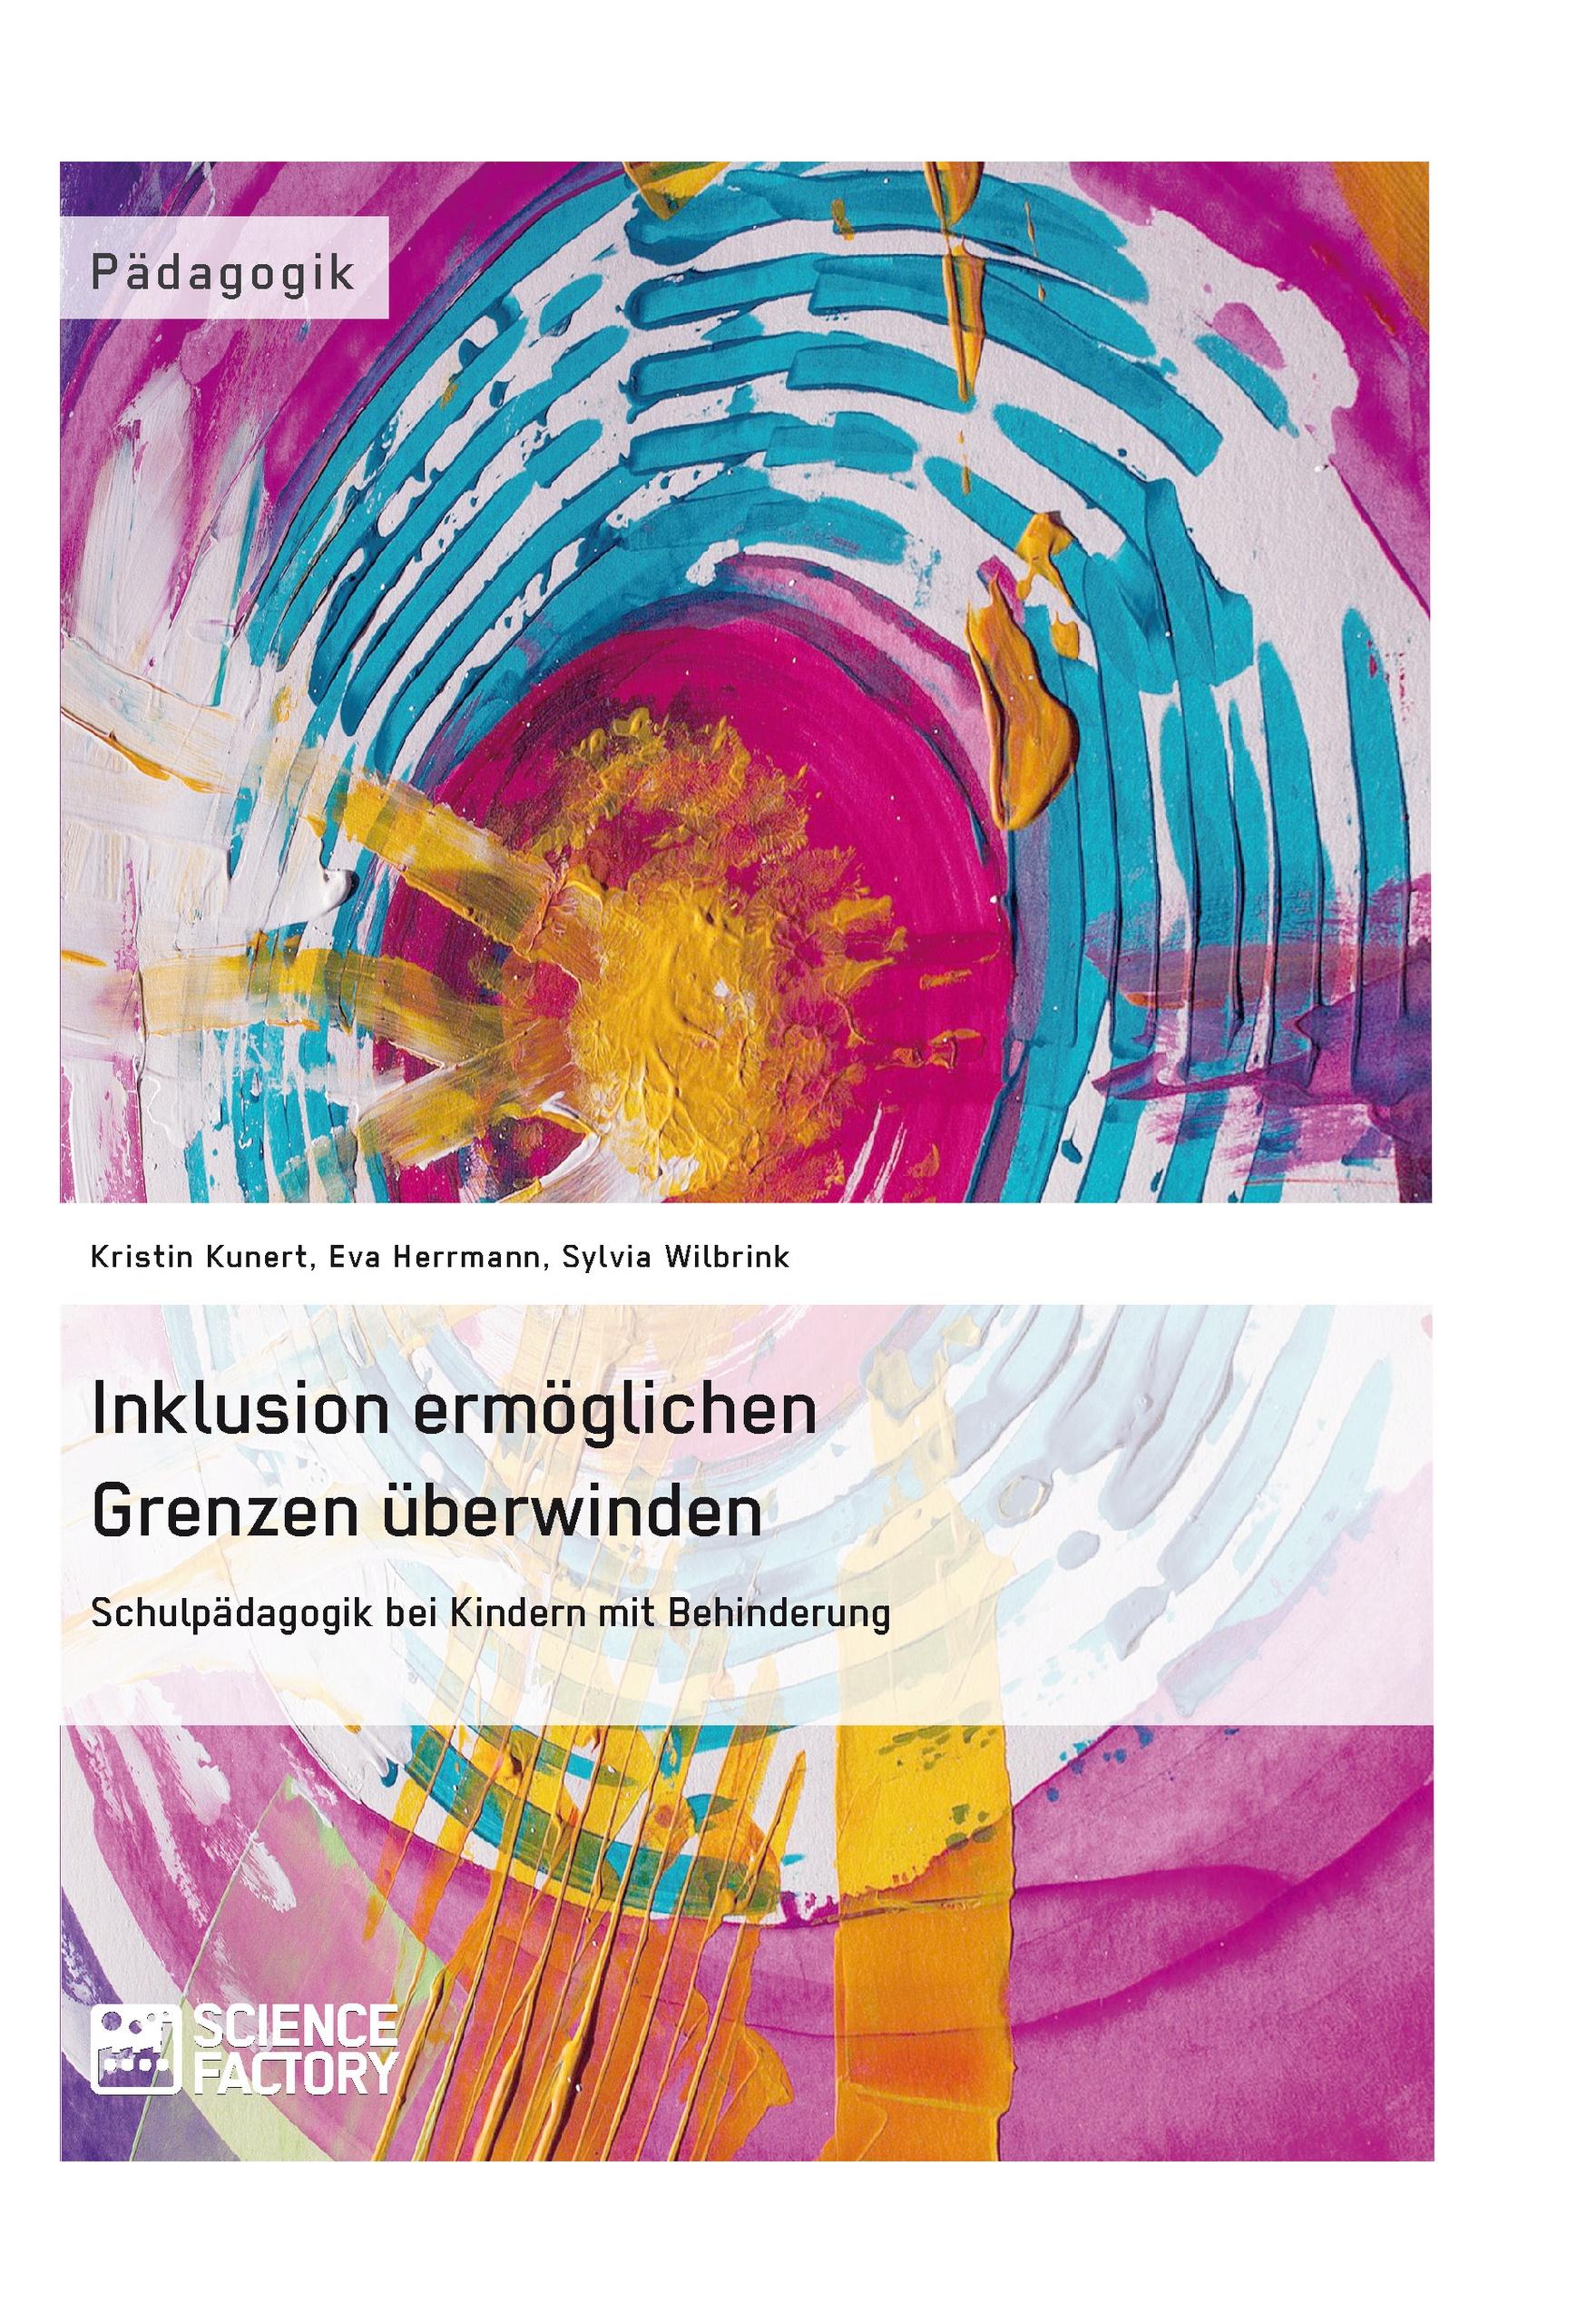 Titel: Inklusion ermöglichen – Grenzen überwinden. Schulpädagogik bei Kindern mit Behinderung